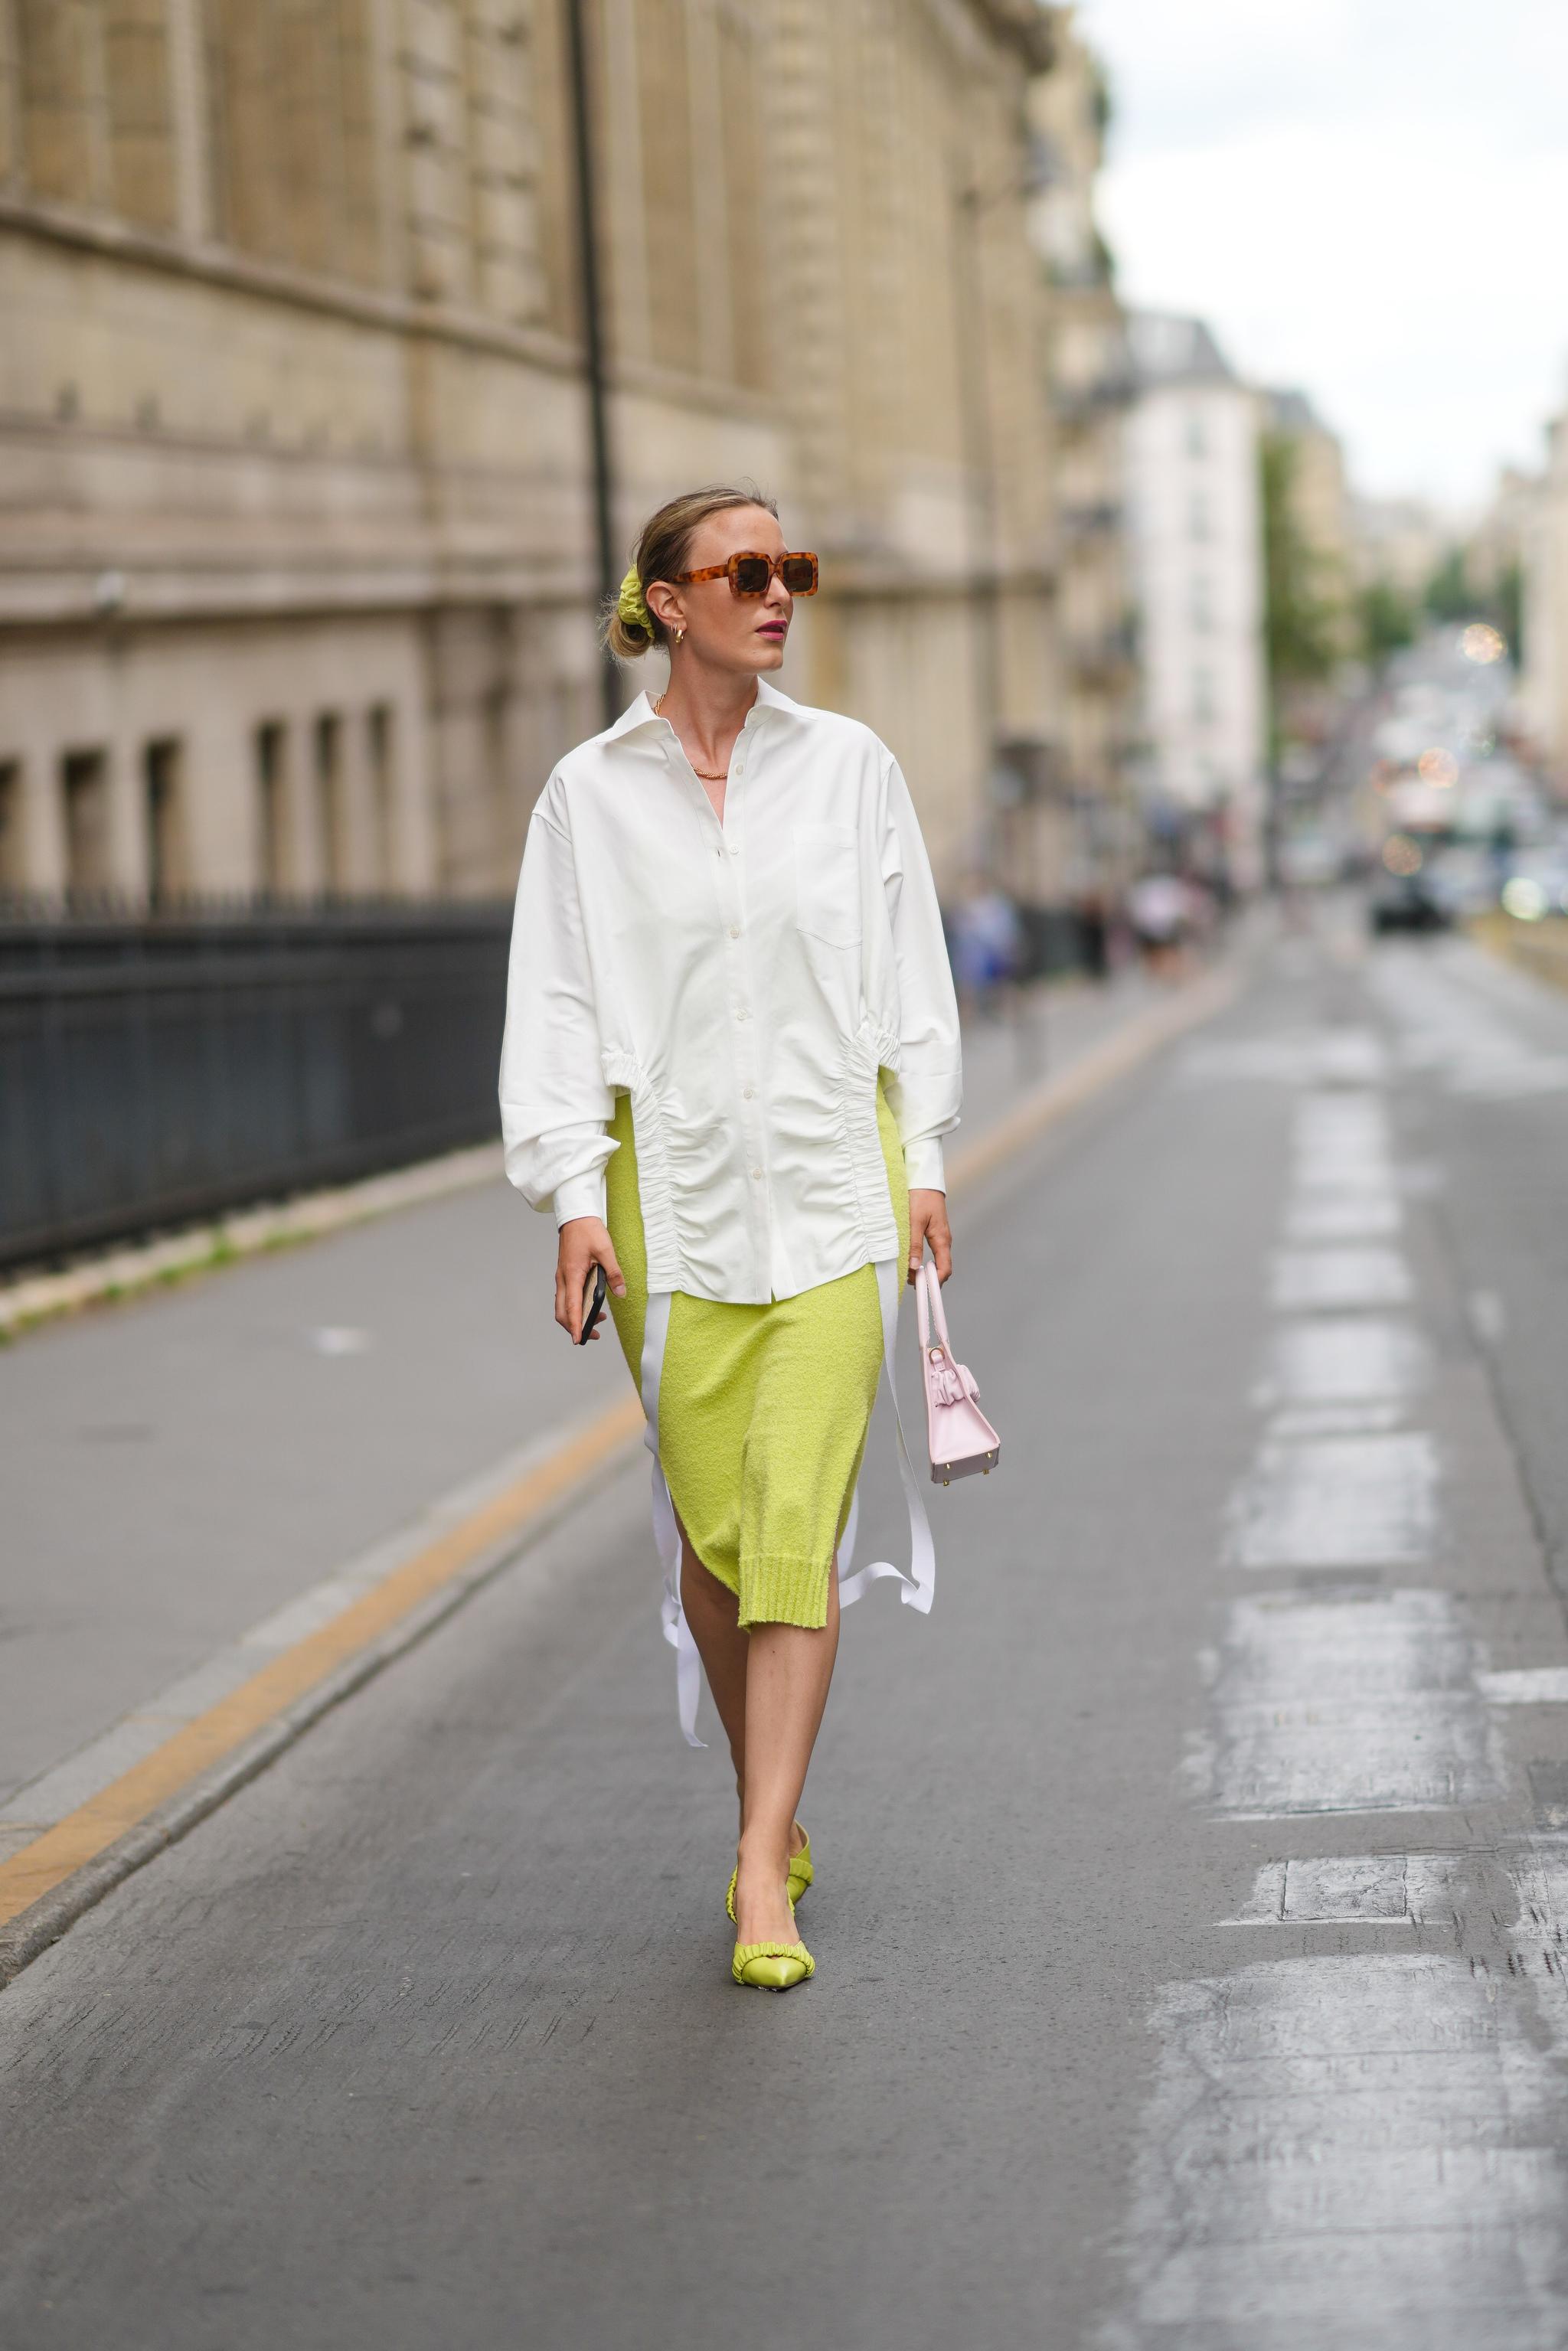 Camisa blanca y falda de punto.